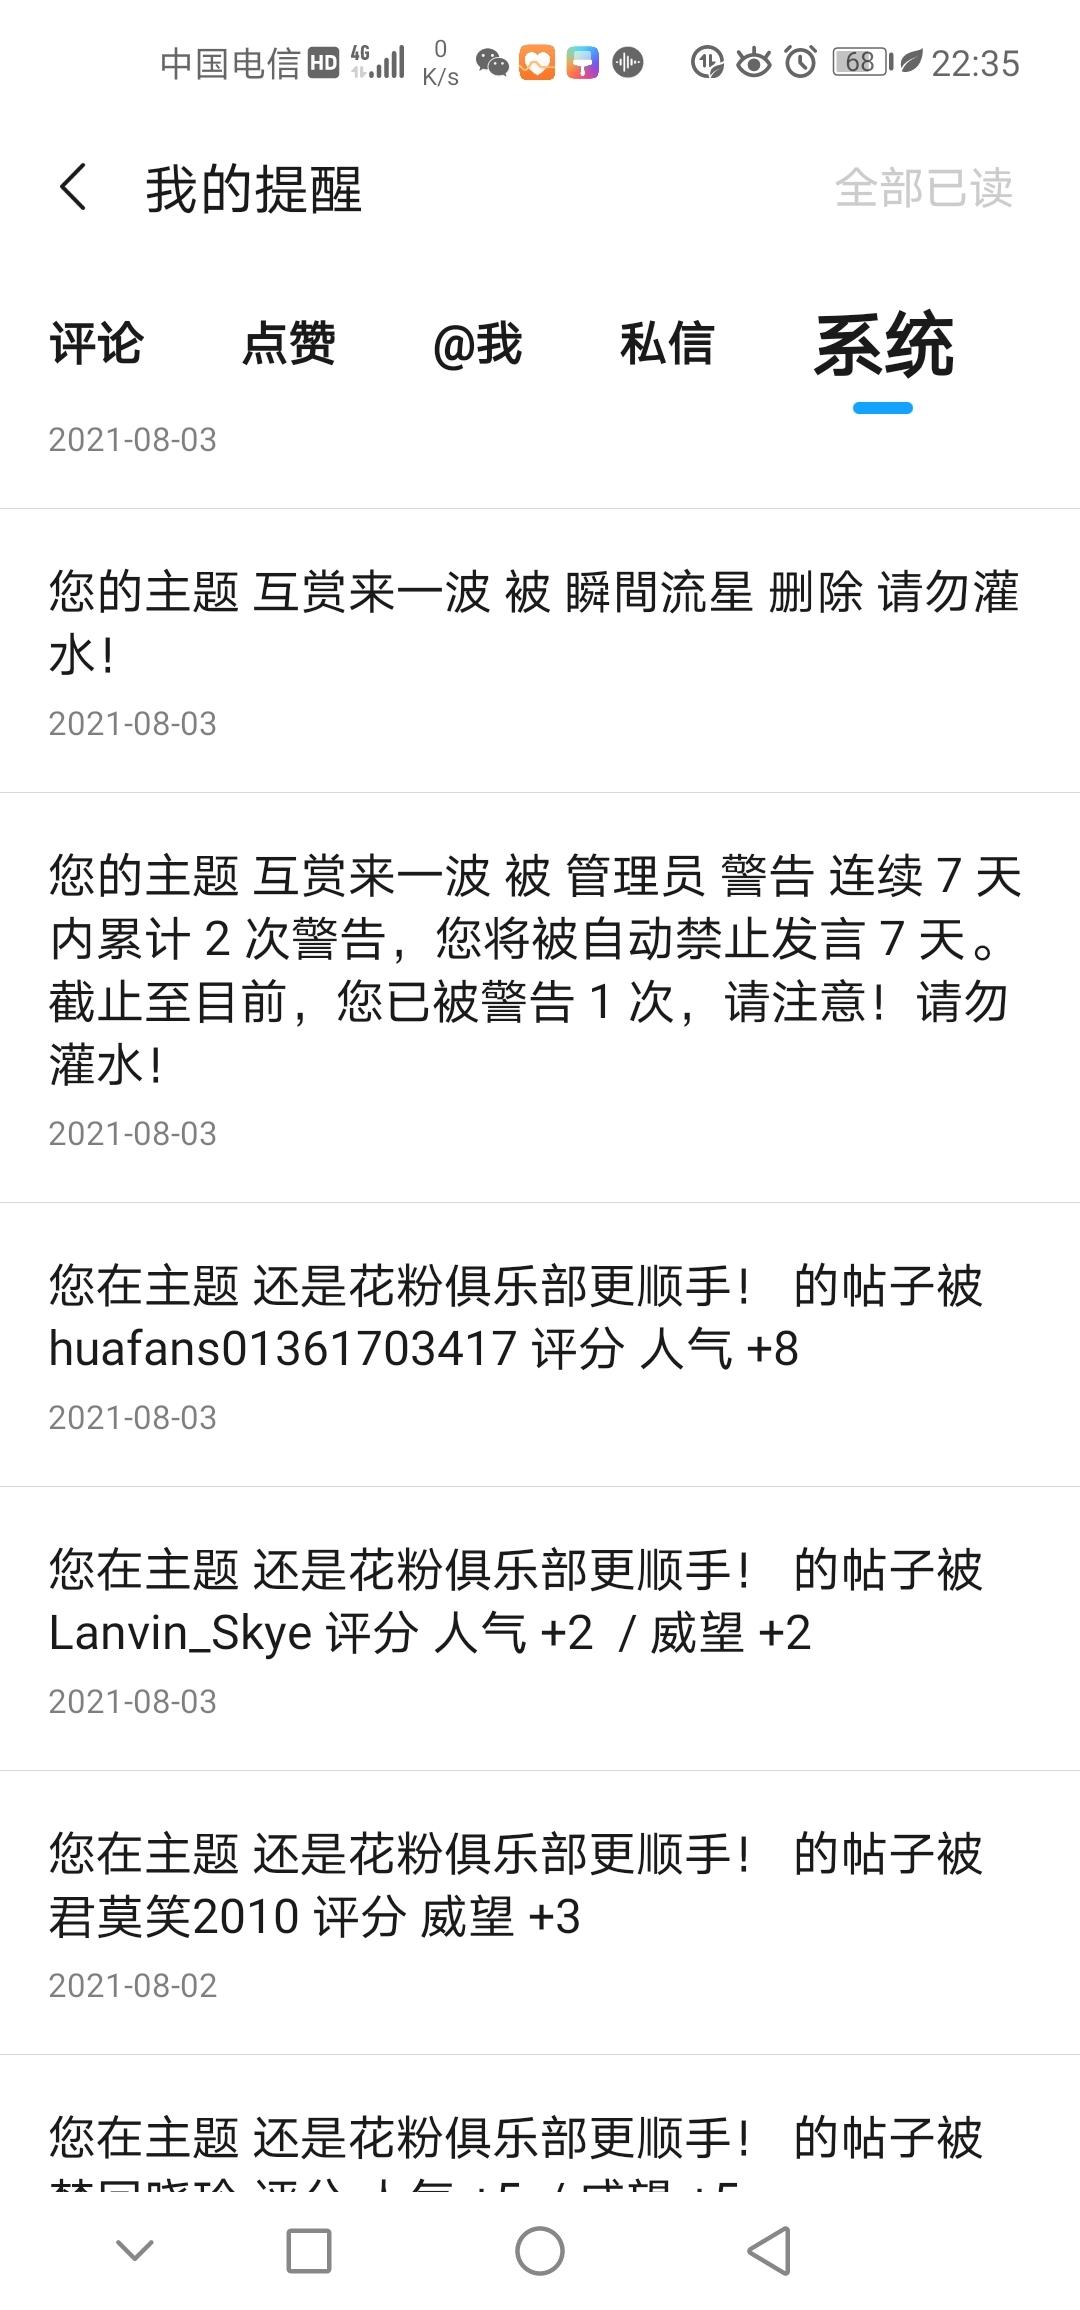 Screenshot_20210803_223542_com.huawei.fans.jpg